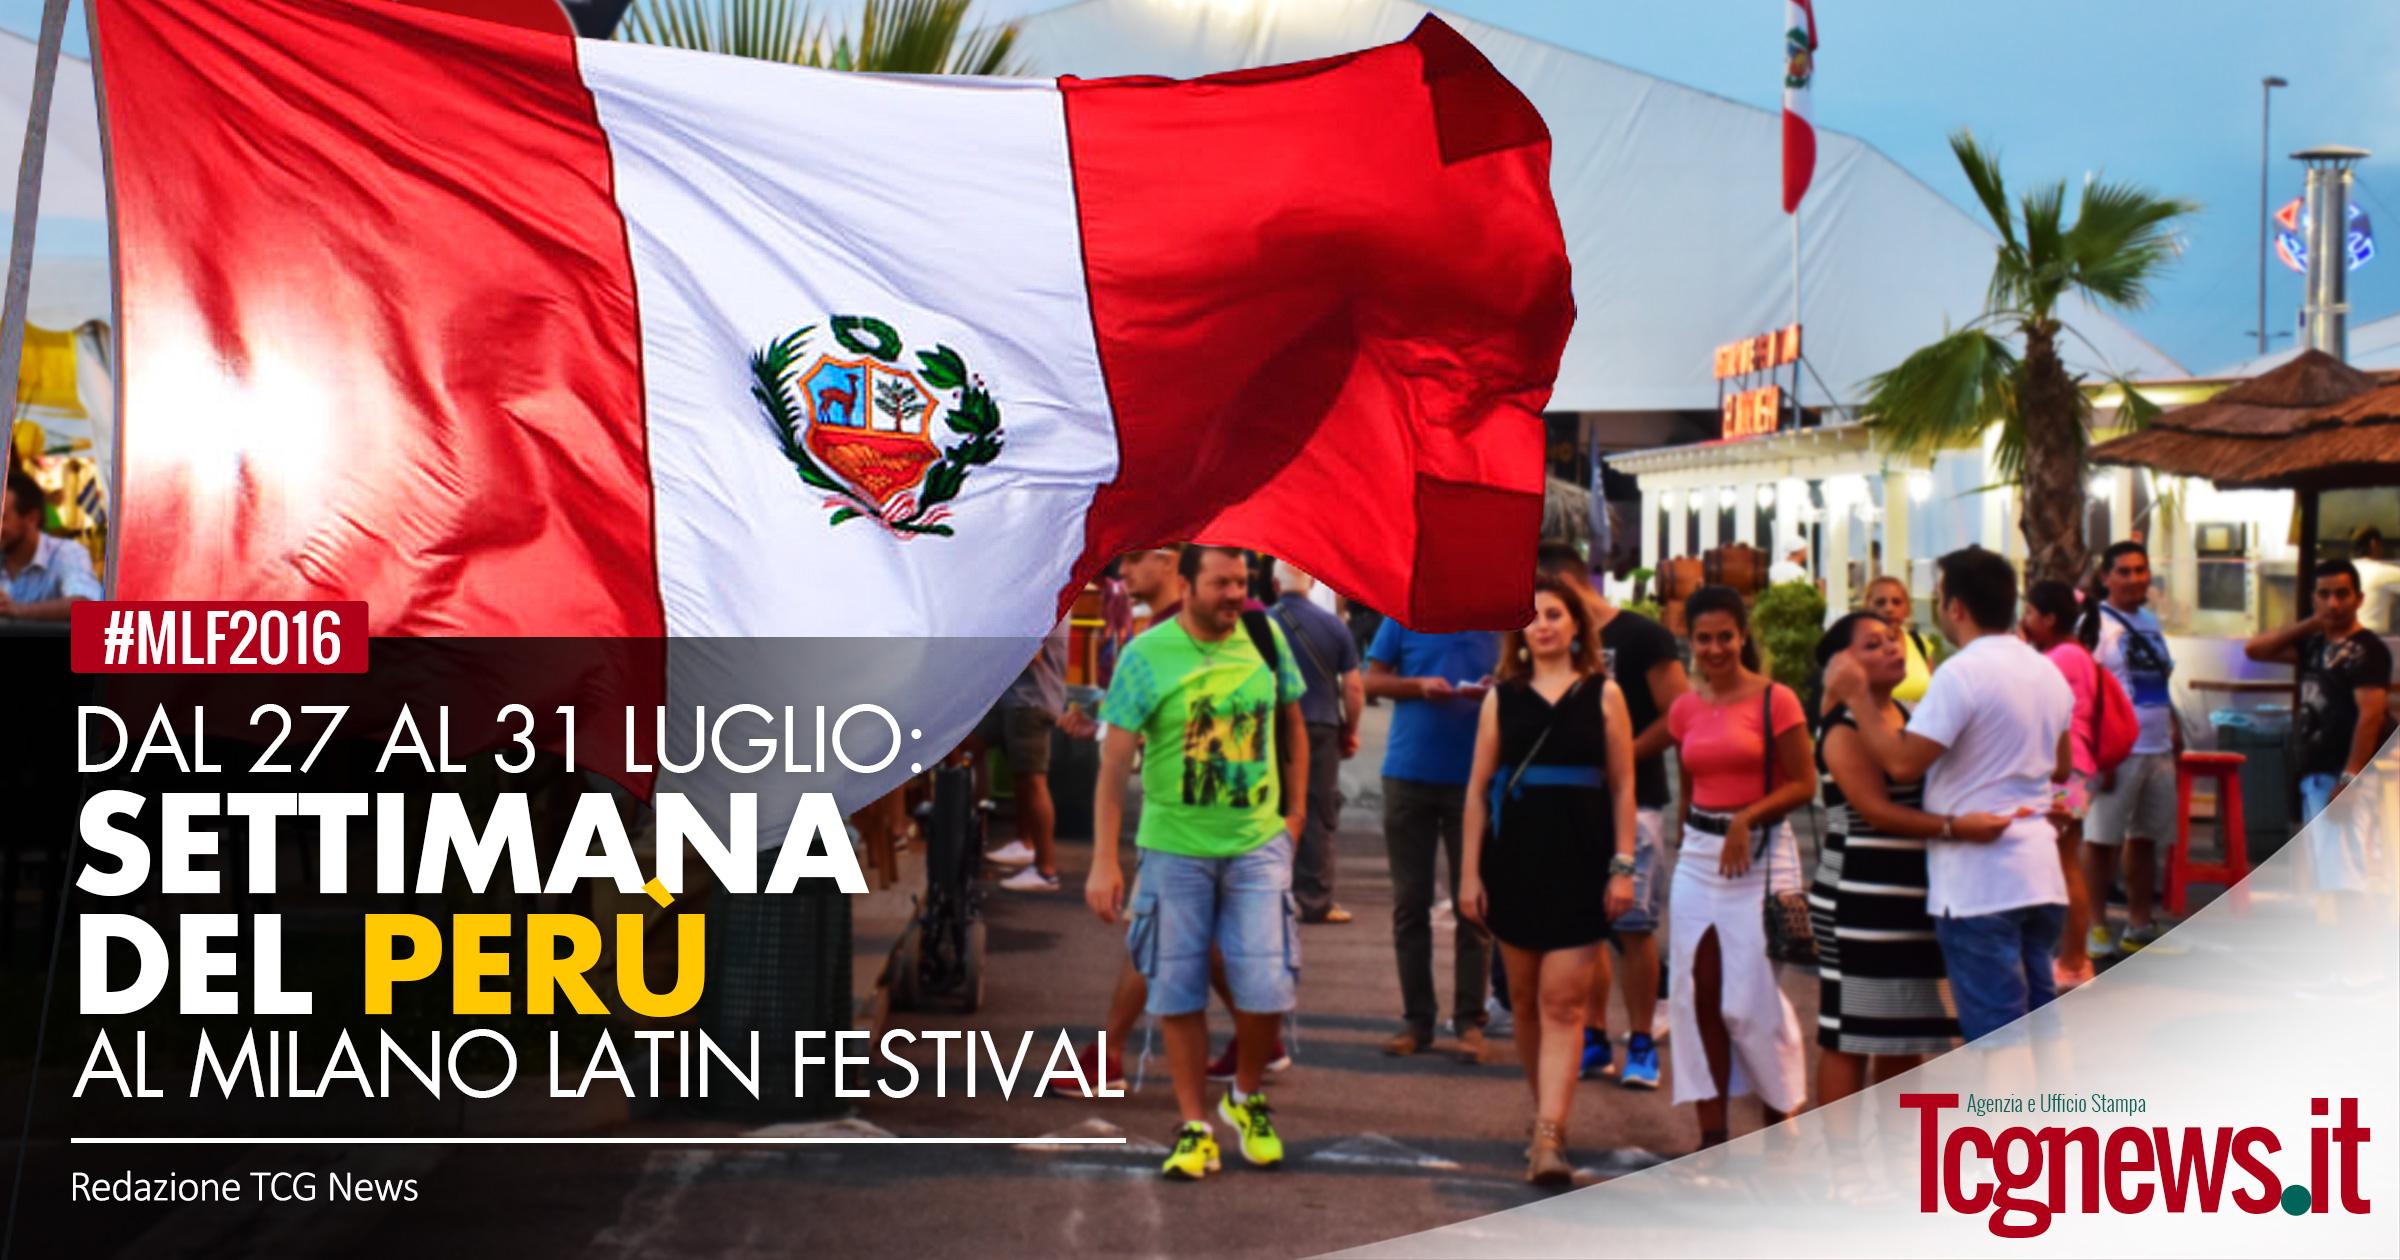 Inizia la settimana del peru 39 al milano latin festival for Settimana del design milano 2016